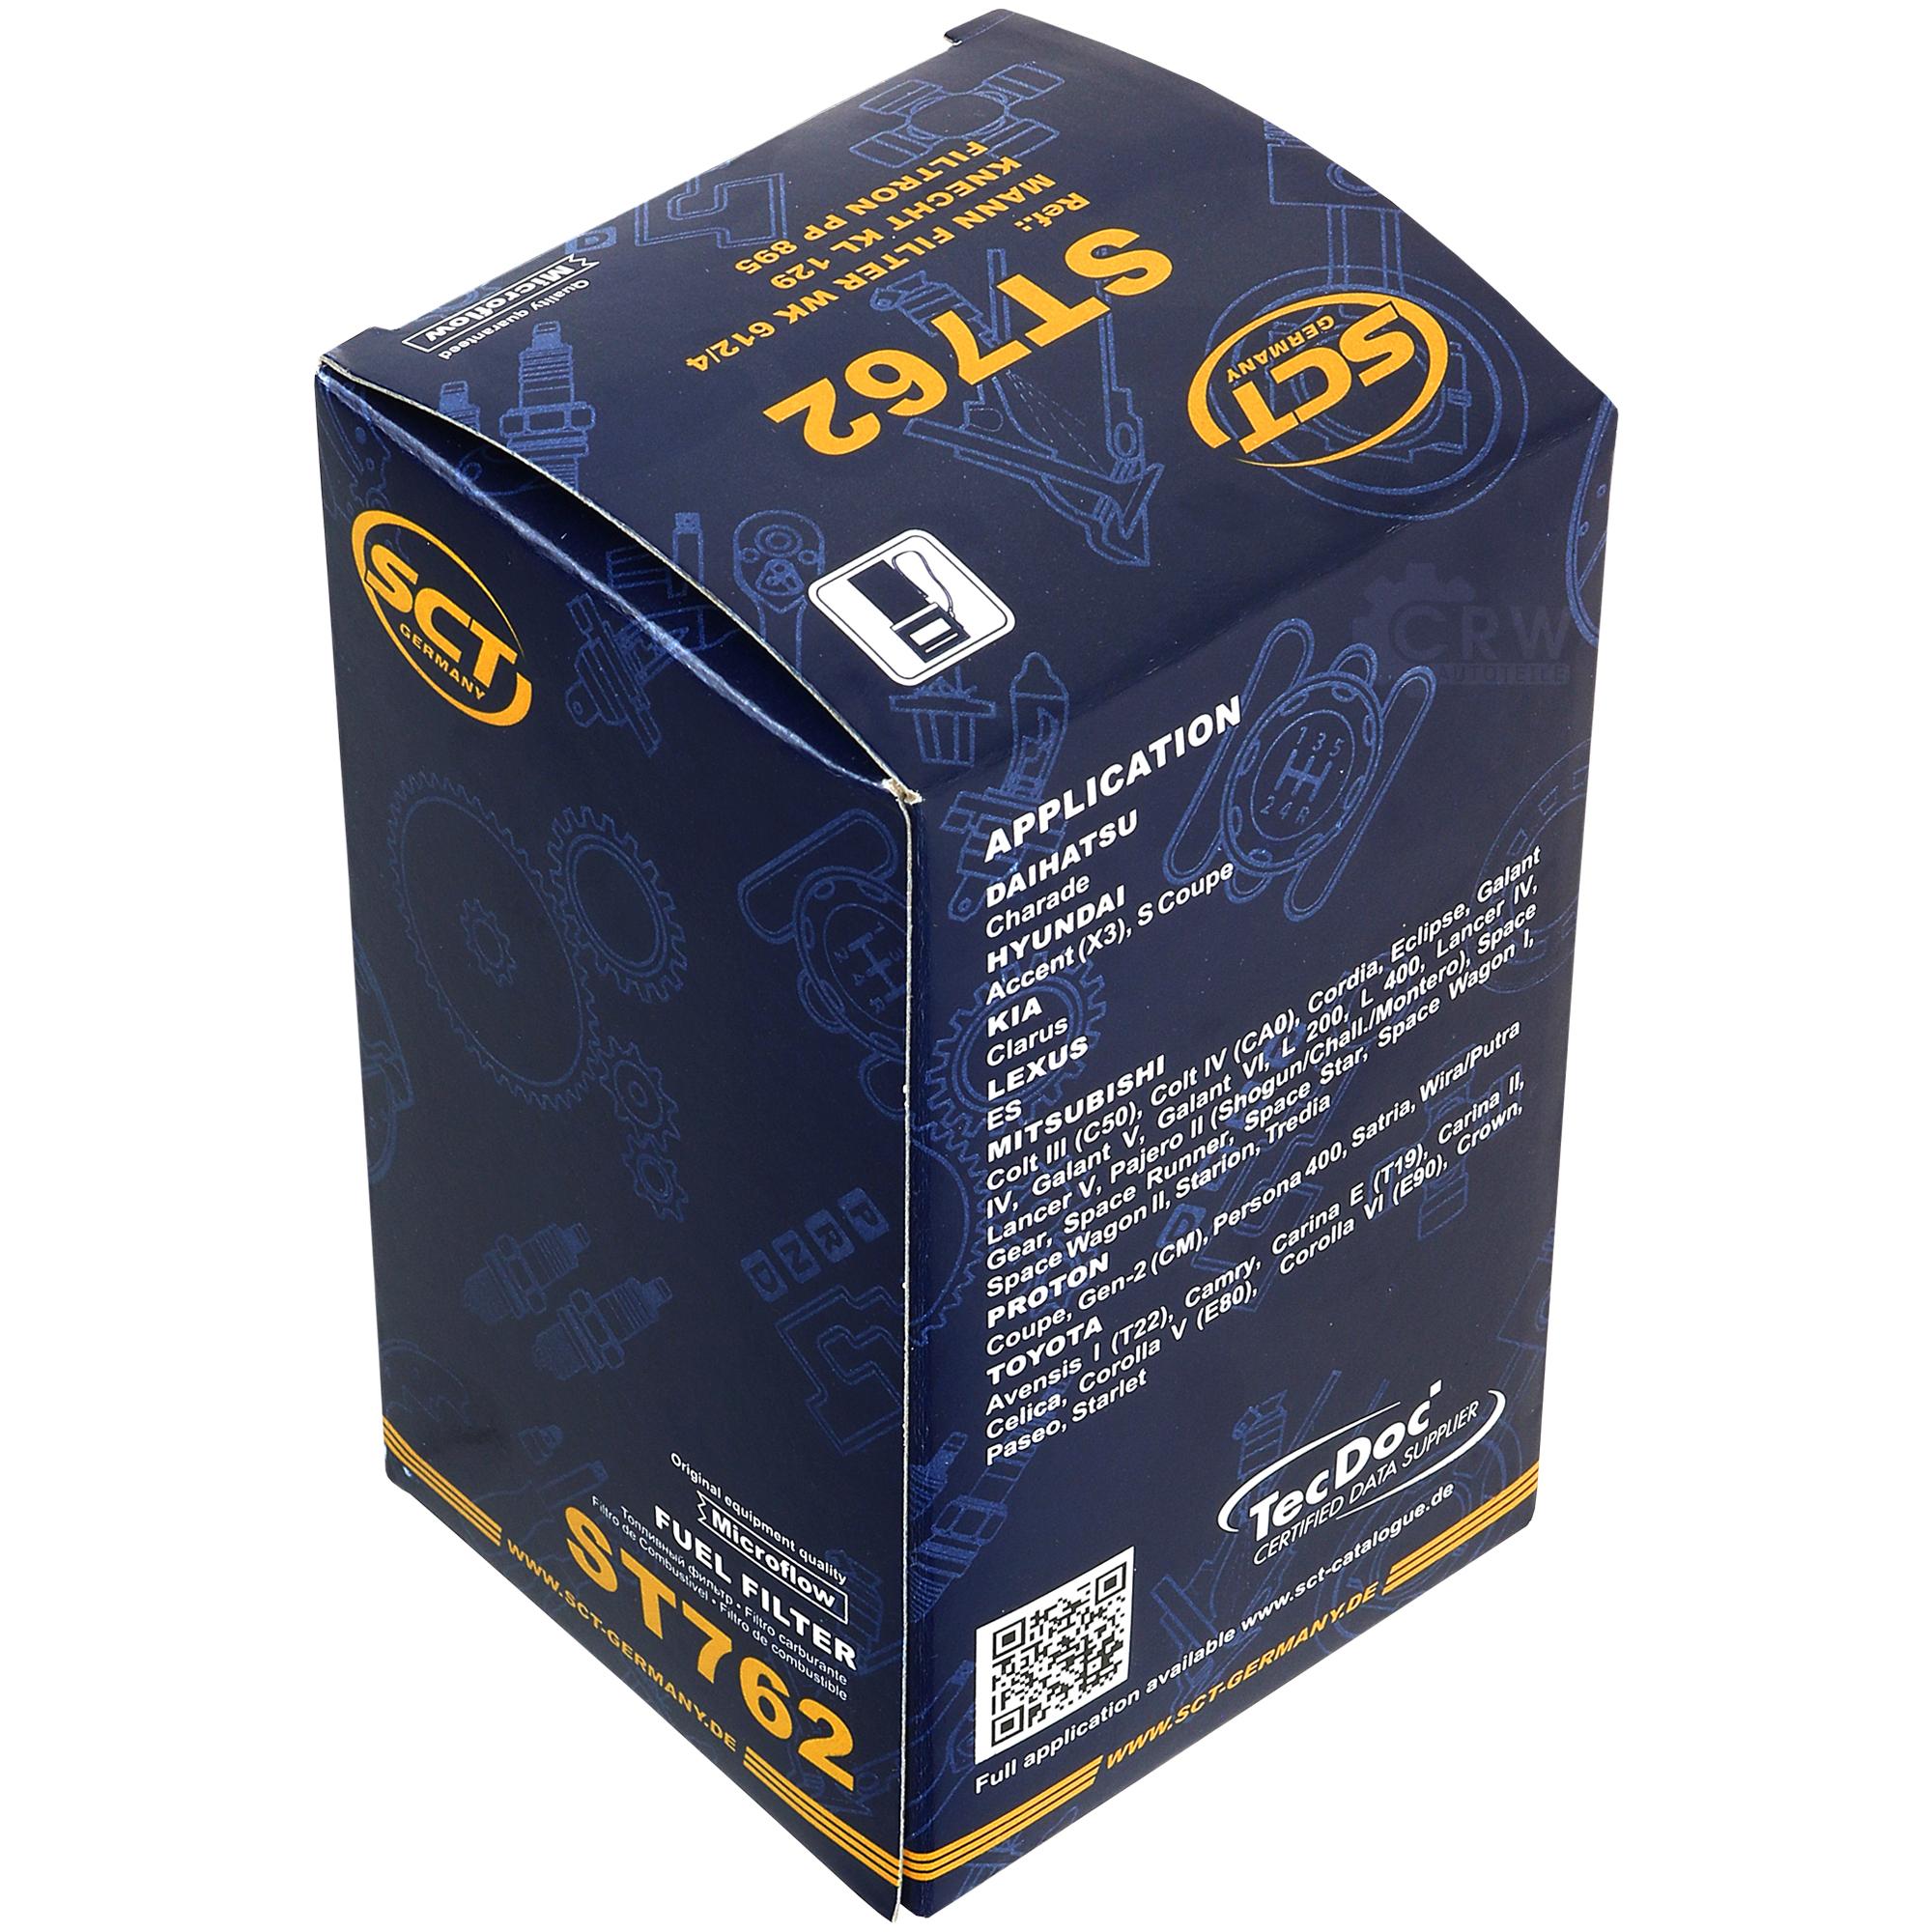 Sct Filter Paket Daihatsu Charade Iii G100 G101 G102 10 13i Gti Galant Fuel Die In Diesem Angebot Abgebildeten Artikel Sind Grundstzlich Keine Originalteile Es Sein Denn Sie Als Solche Ausdrcklich Gekennzeichnet